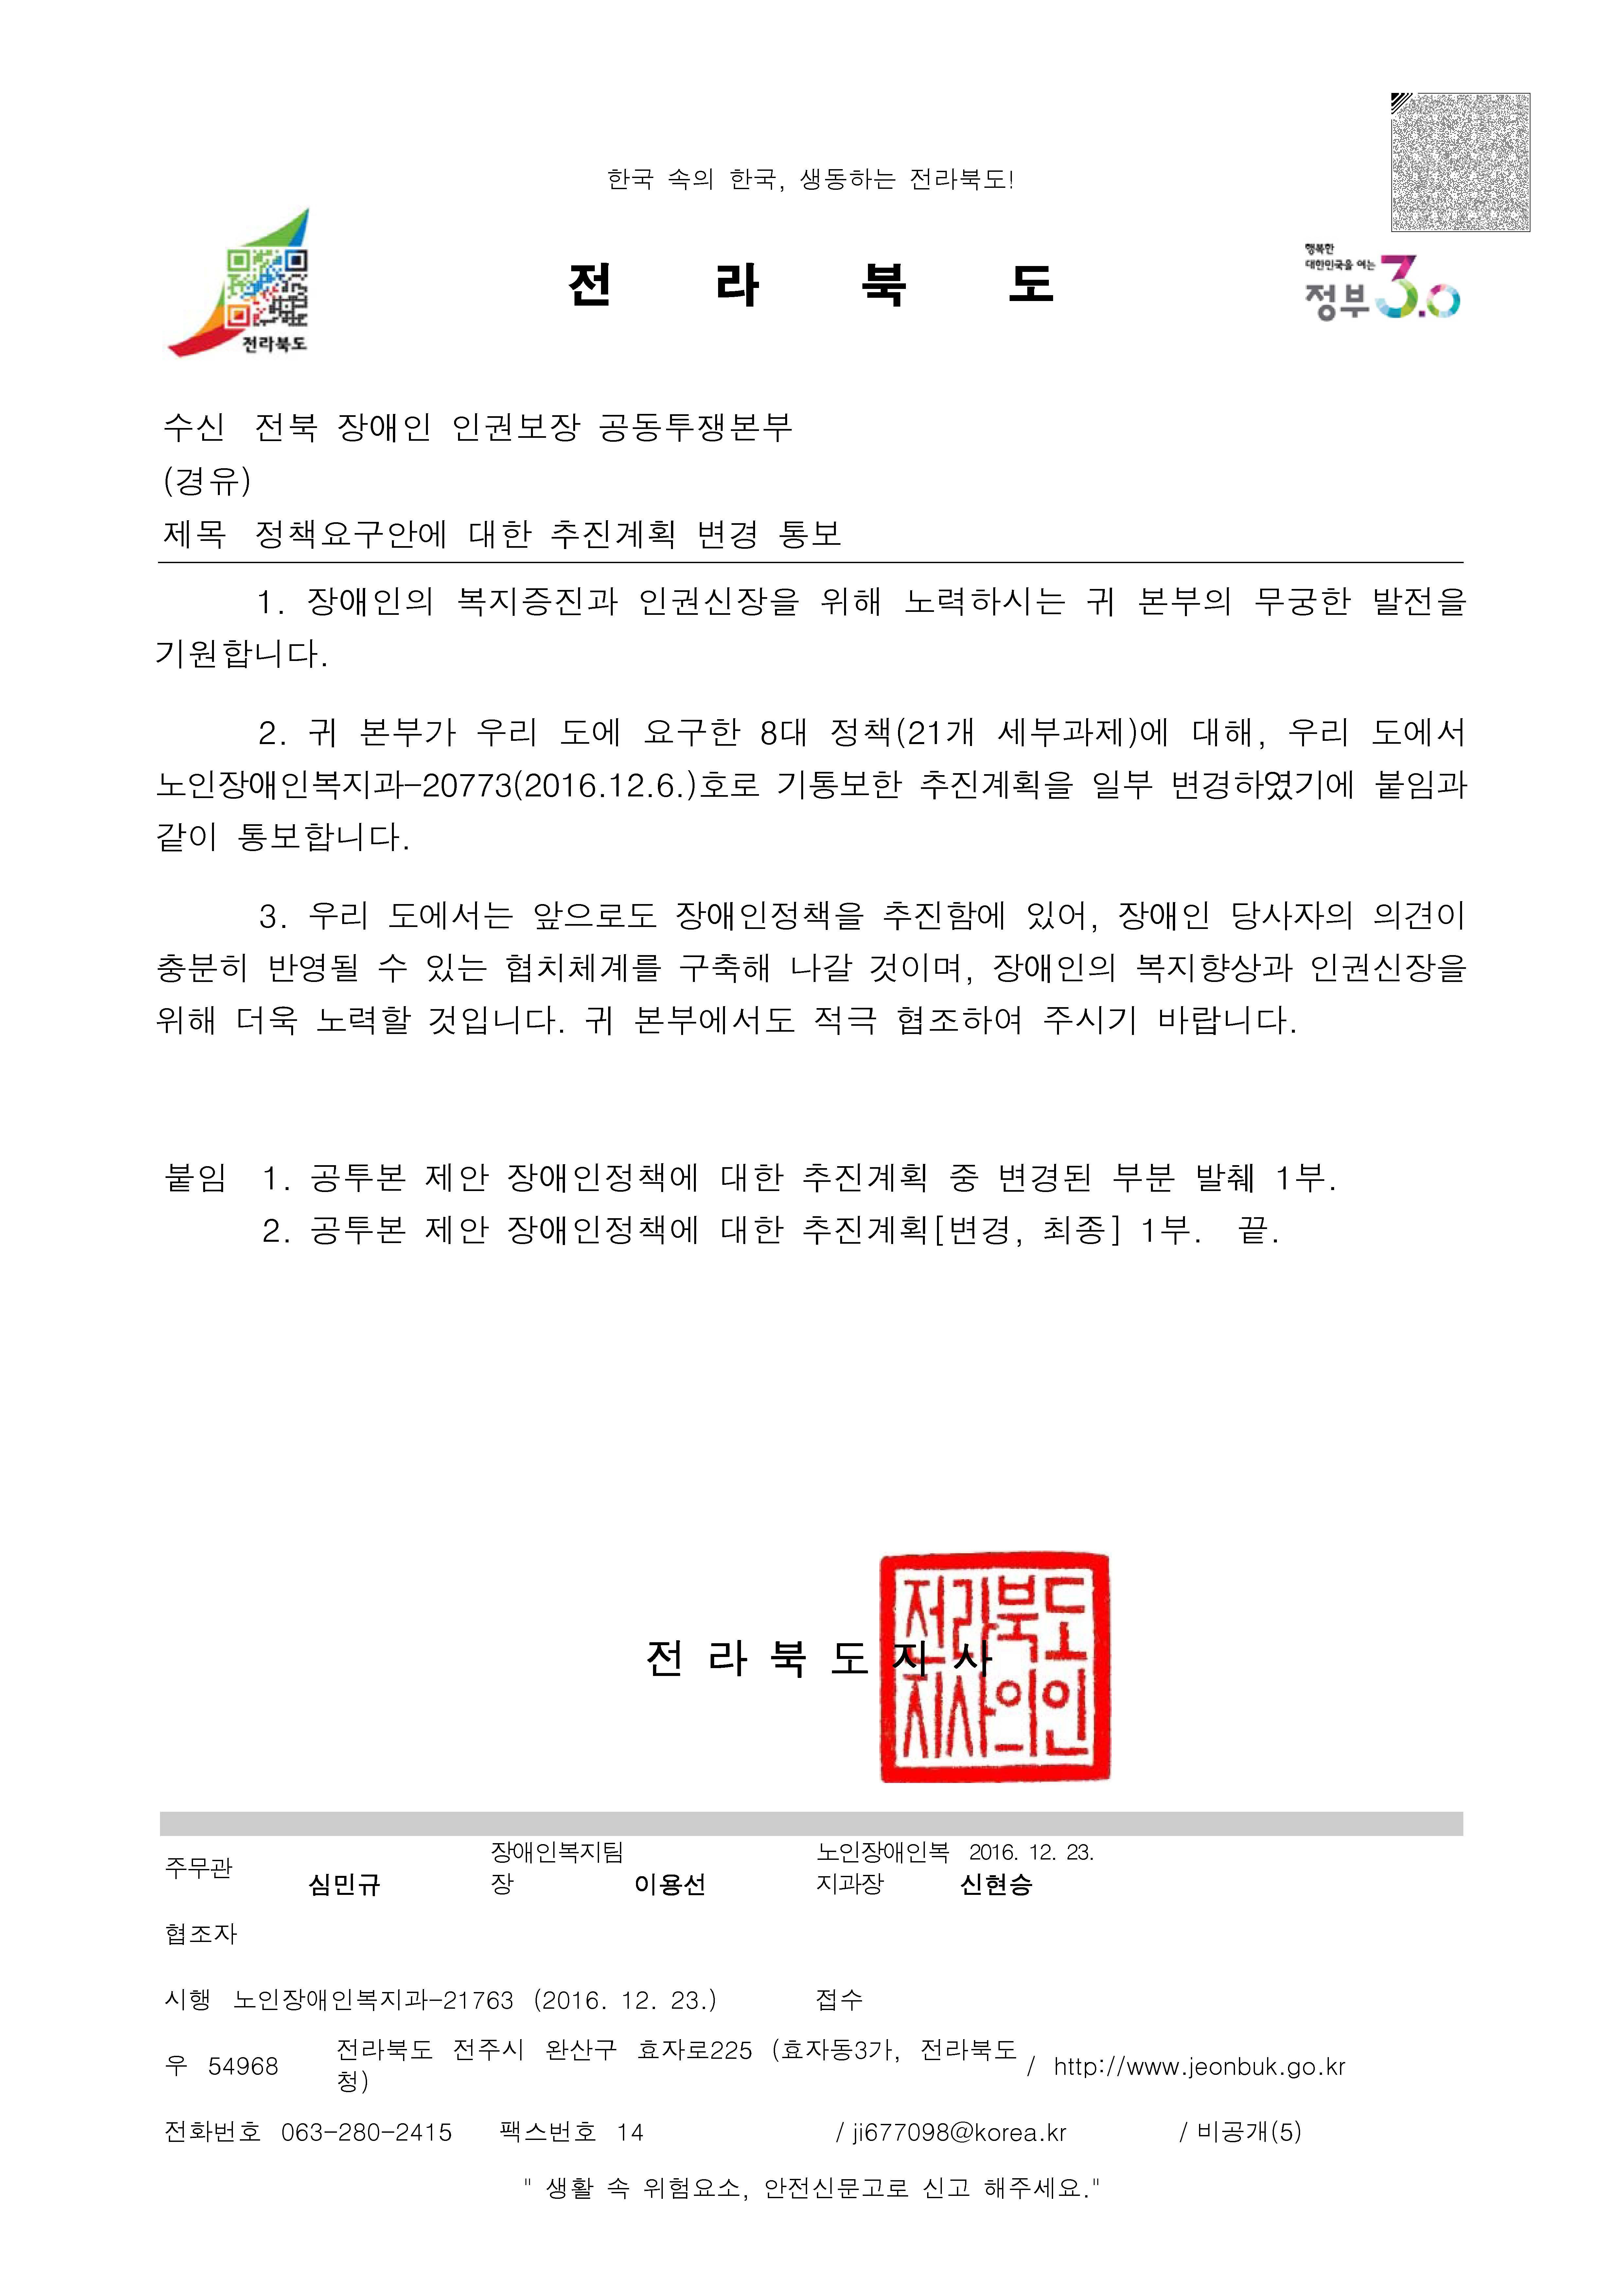 전북도 노인장애인복지과-21763(2016.12.23)호_페이지_01.jpg